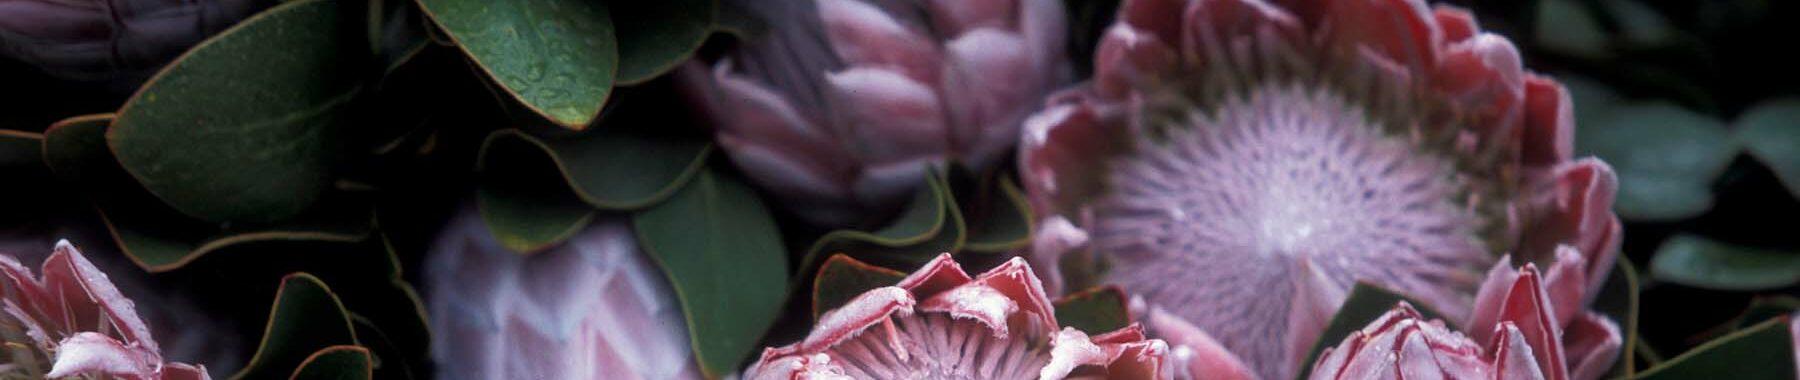 """Motto-Bild mit gefrorenen Blüten zur Illustration der Rubrik """"Aktuelles"""" auf dem Blog der Berliner Paartherapeutin Julia Bellabarba"""